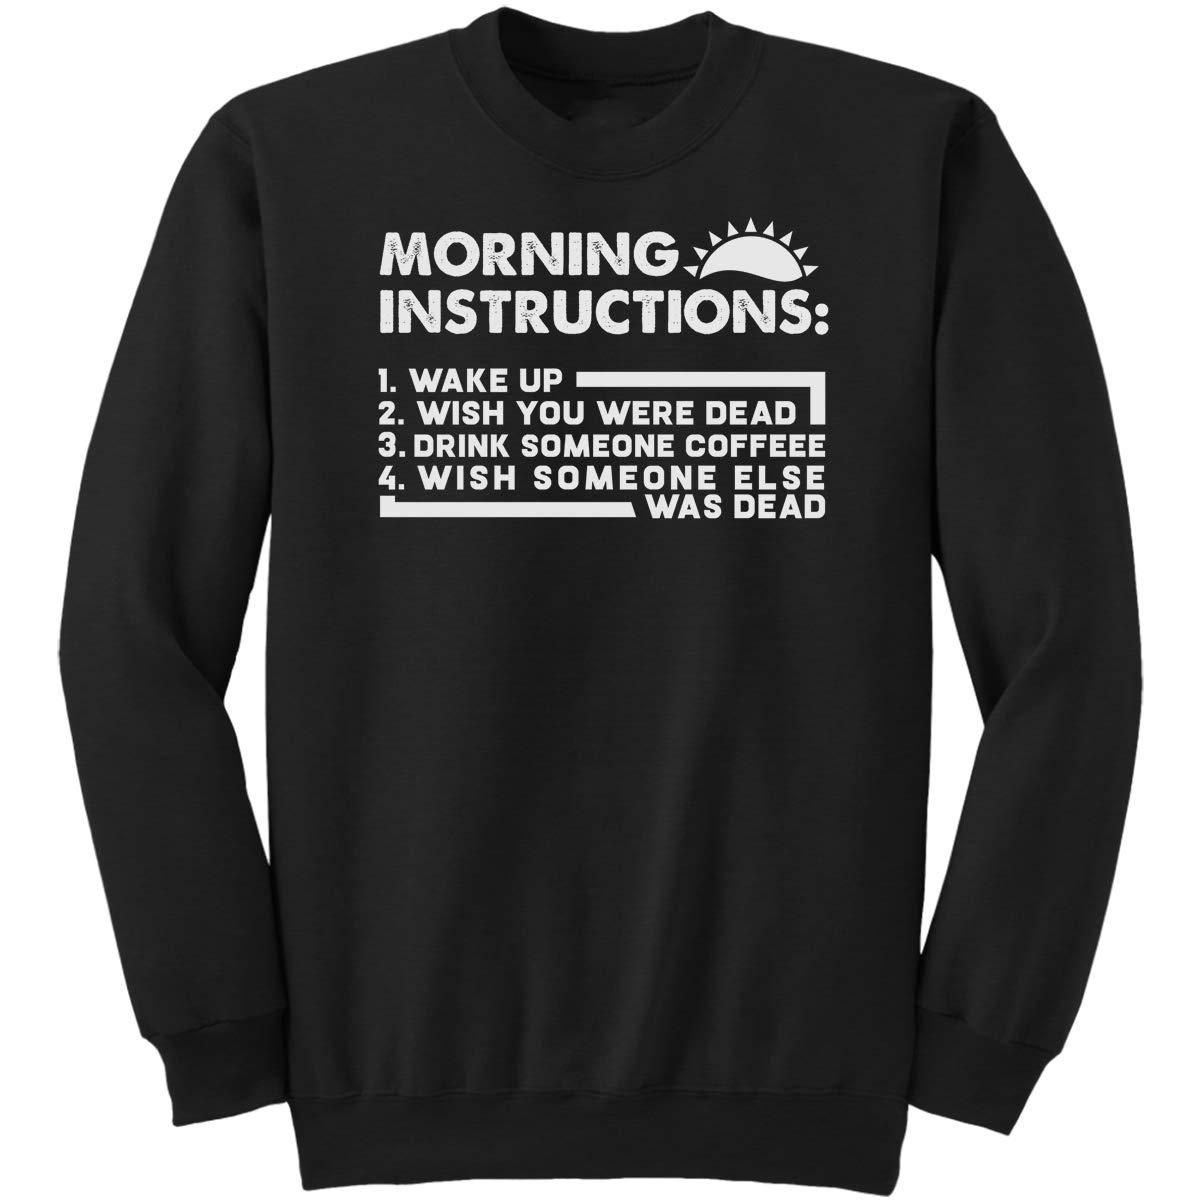 DoozyGifts99 Morning Instructions Good-Morning Coffe Sweatshirt